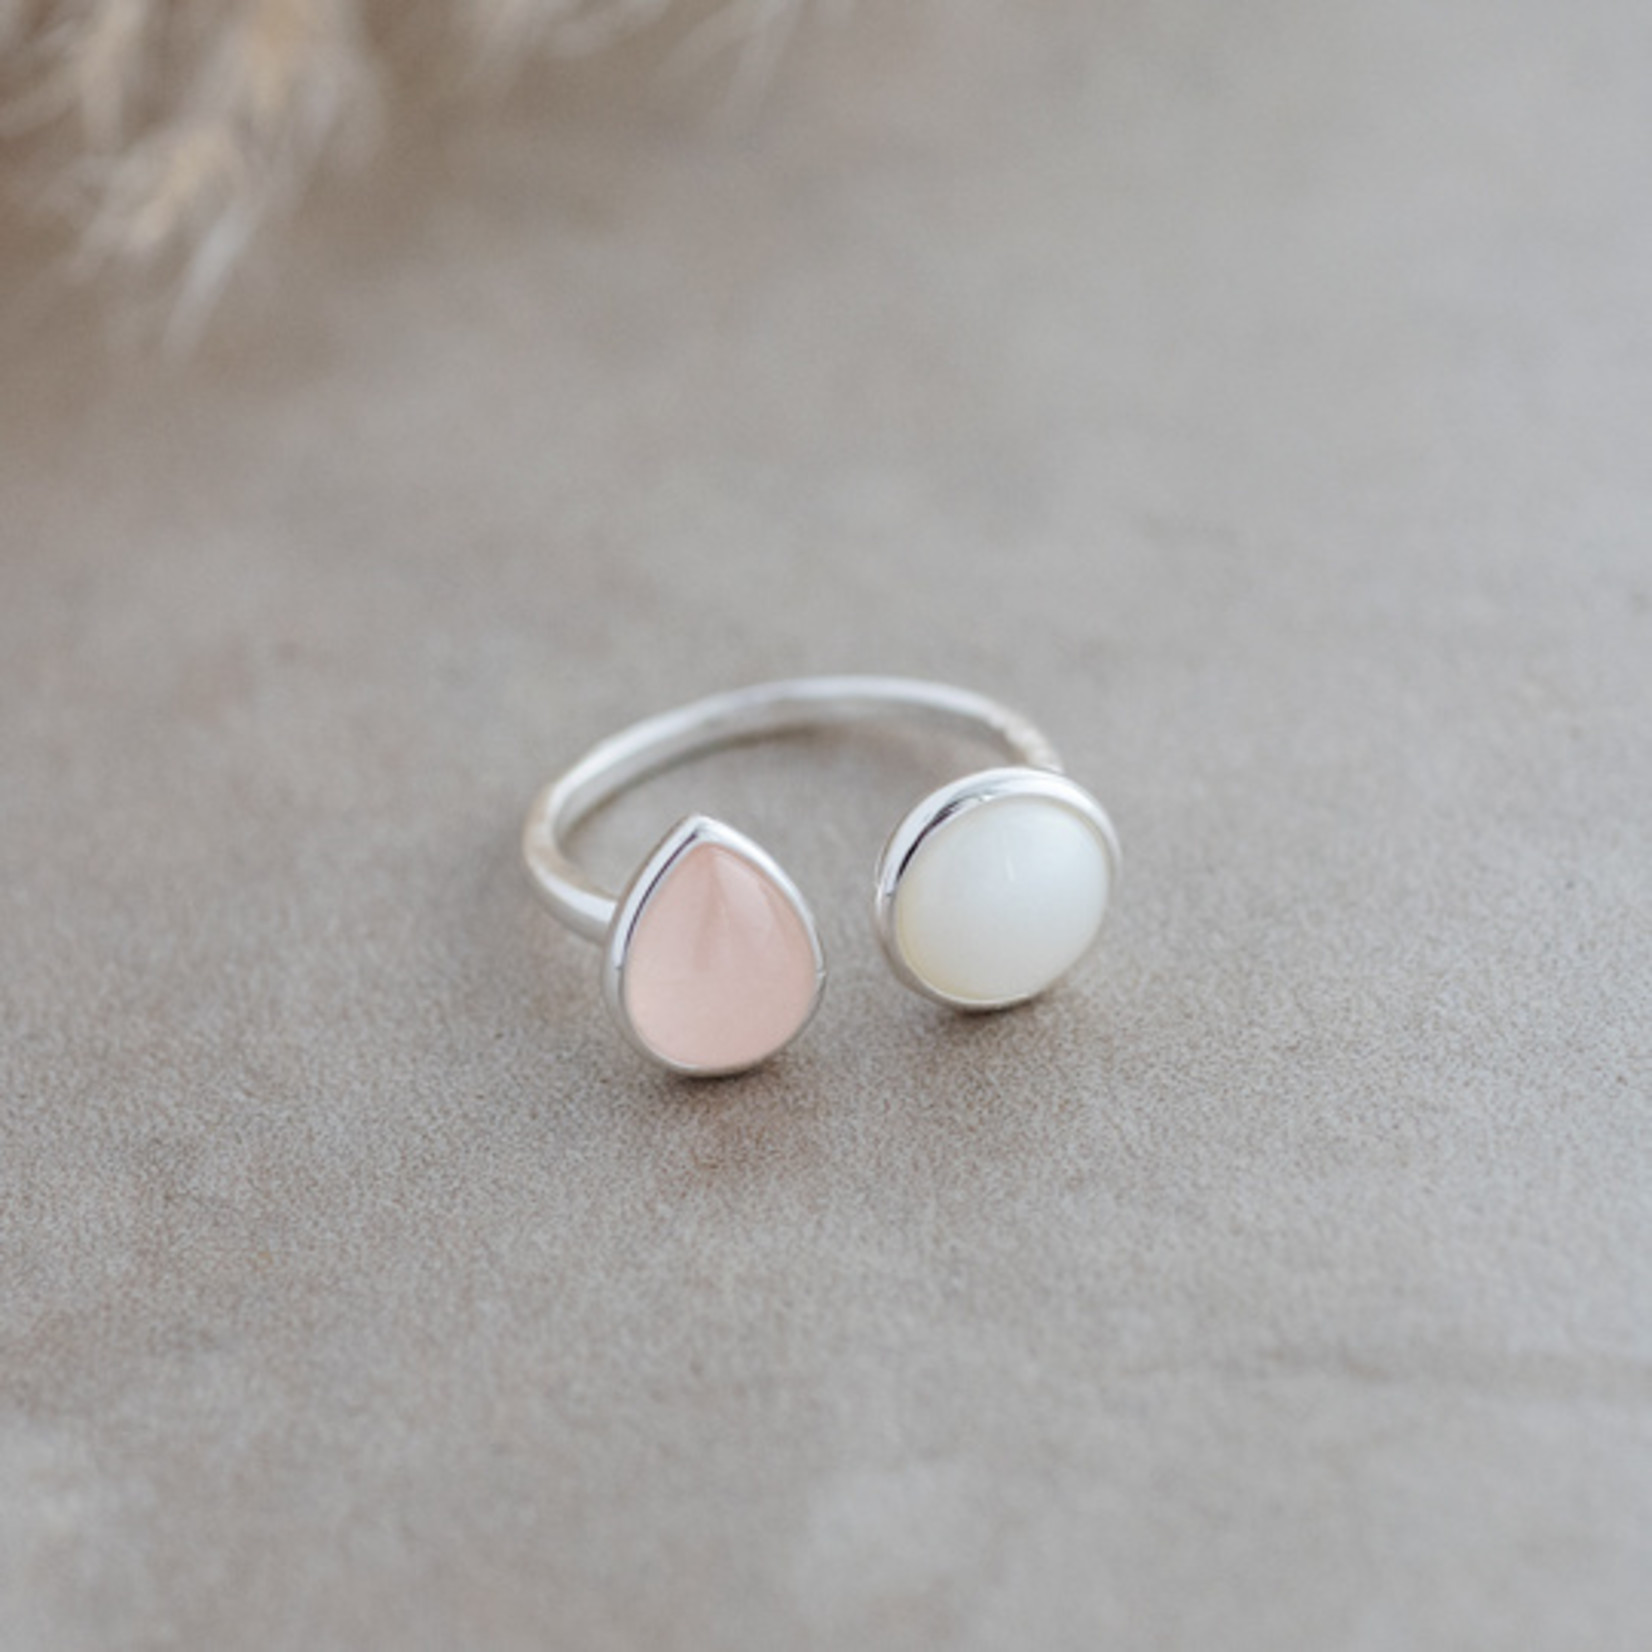 Glee Jewelry Duet Ring